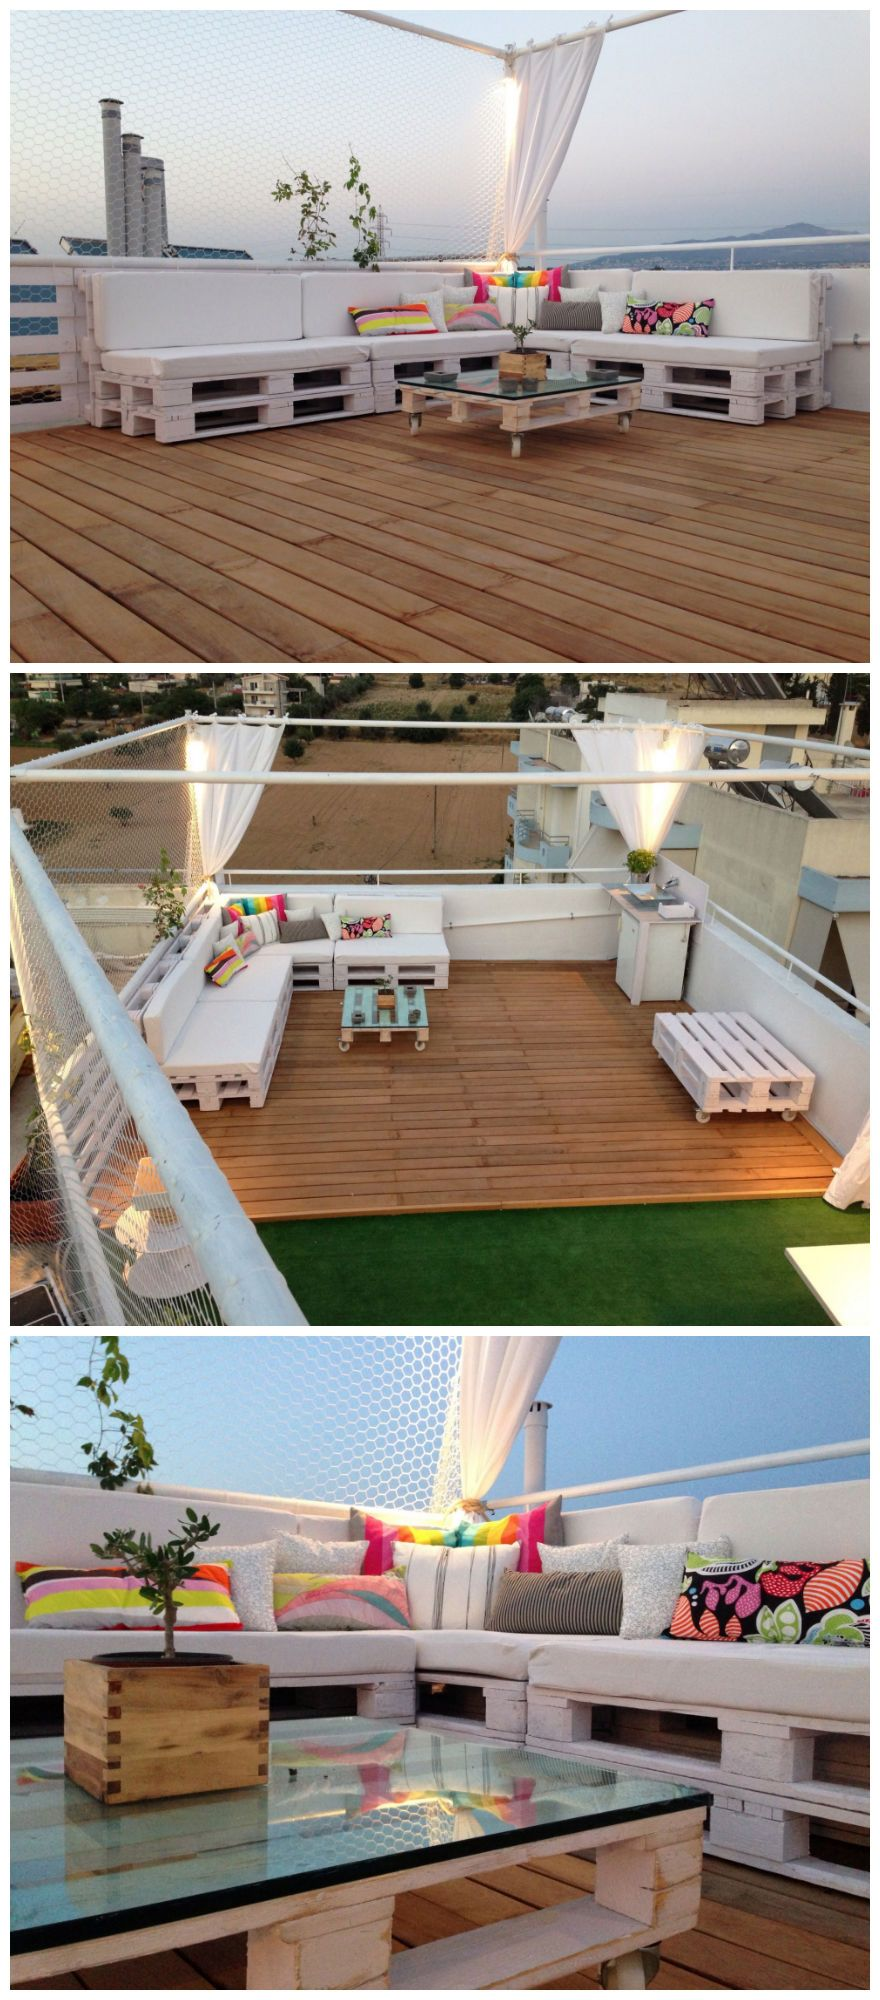 Pallet Roof Terrace Lounge Ideas Home Decoración De Unas